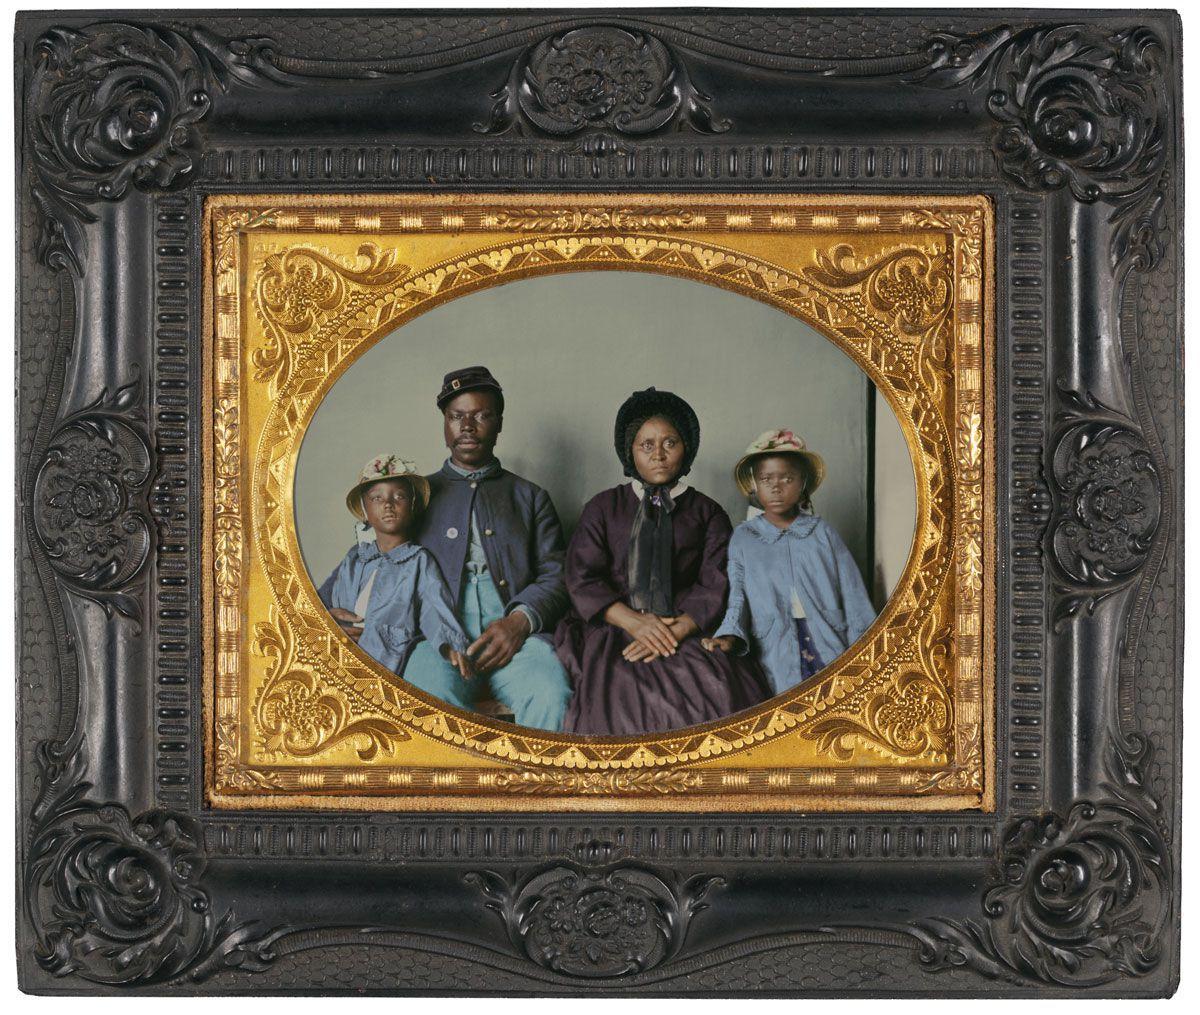 1864.Сержант Сэмюэль Смит вместе с женой Молли и дочерьми Мэри и Мэгги